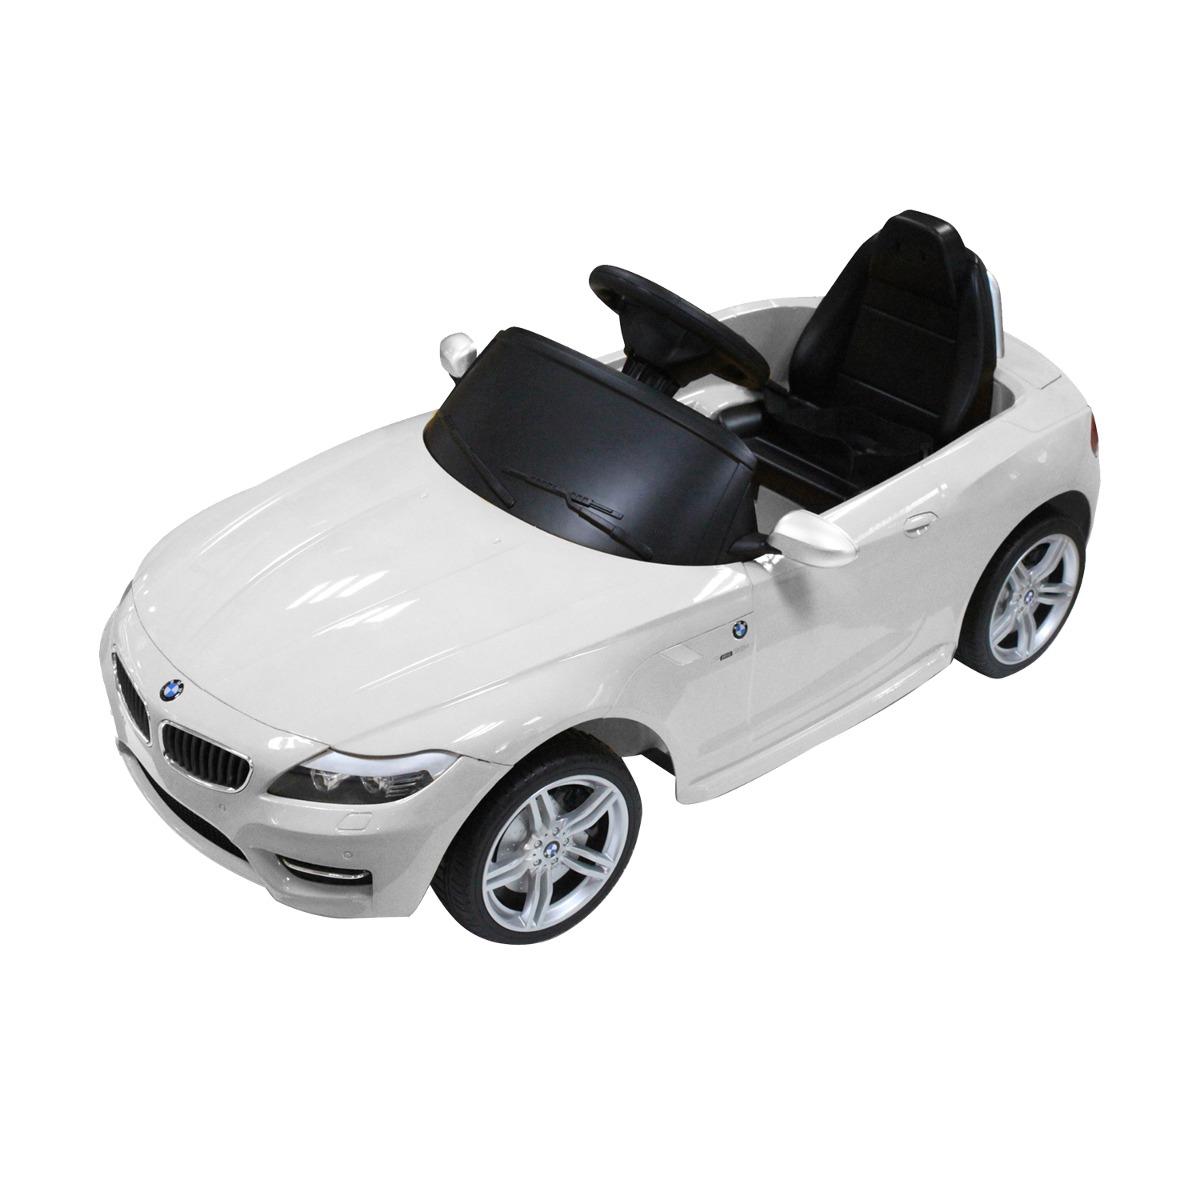 Carro Electrico De Juguete Bmw Z4 A Control Remoto 6v 1 622 111